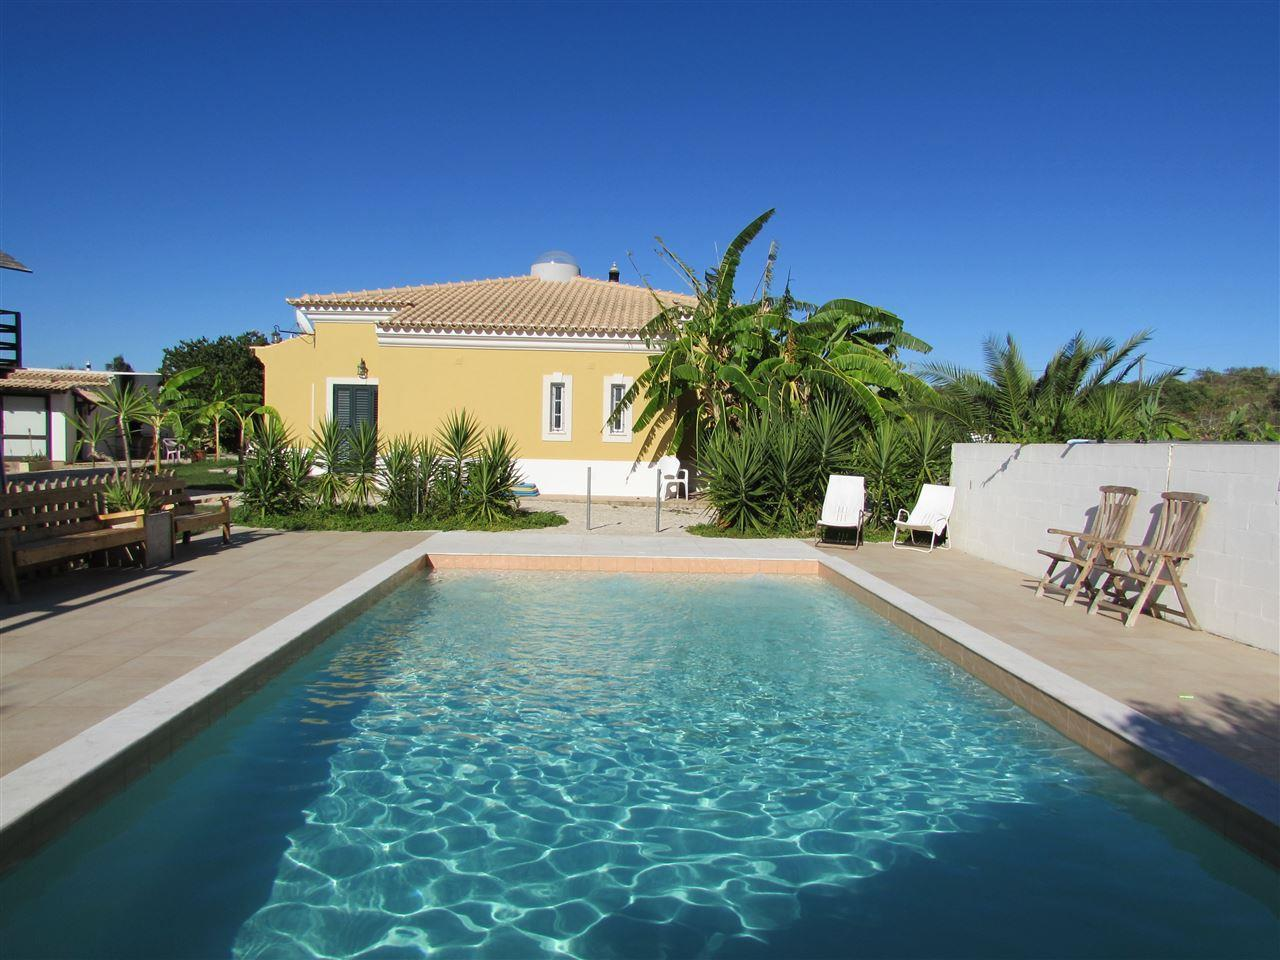 Maison unifamiliale pour l Vente à Detached house, 4 bedrooms, for Sale Silves, Algarve Portugal